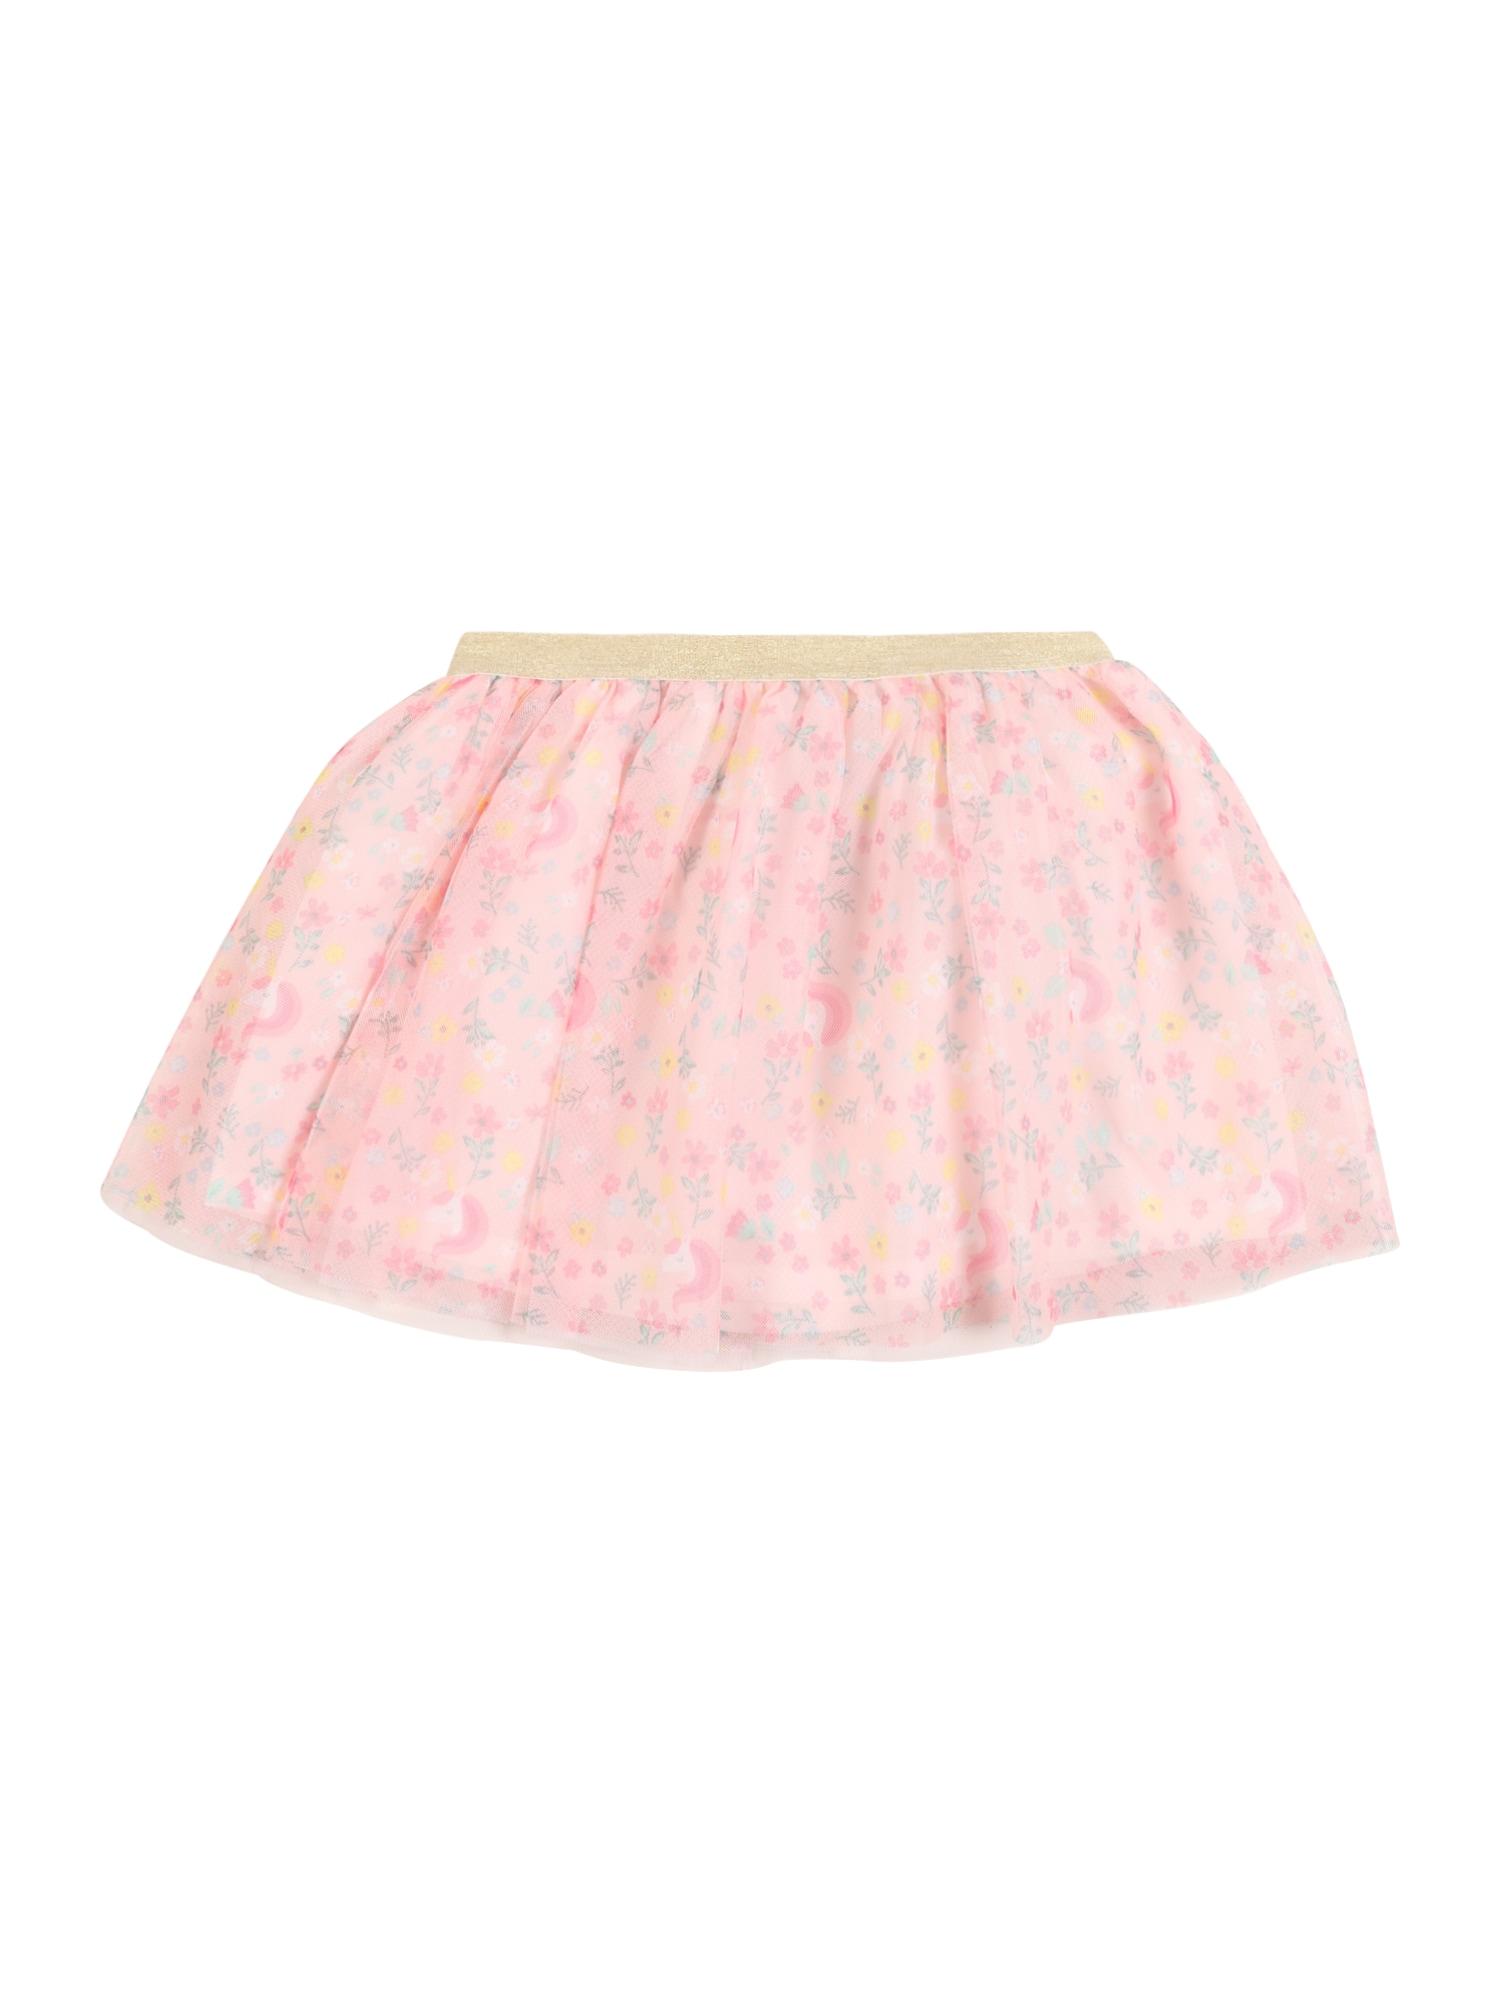 Carter's Sijonas 'Easter Collection S20 pink unicorn tutu' mišrios spalvos / pastelinė rožinė